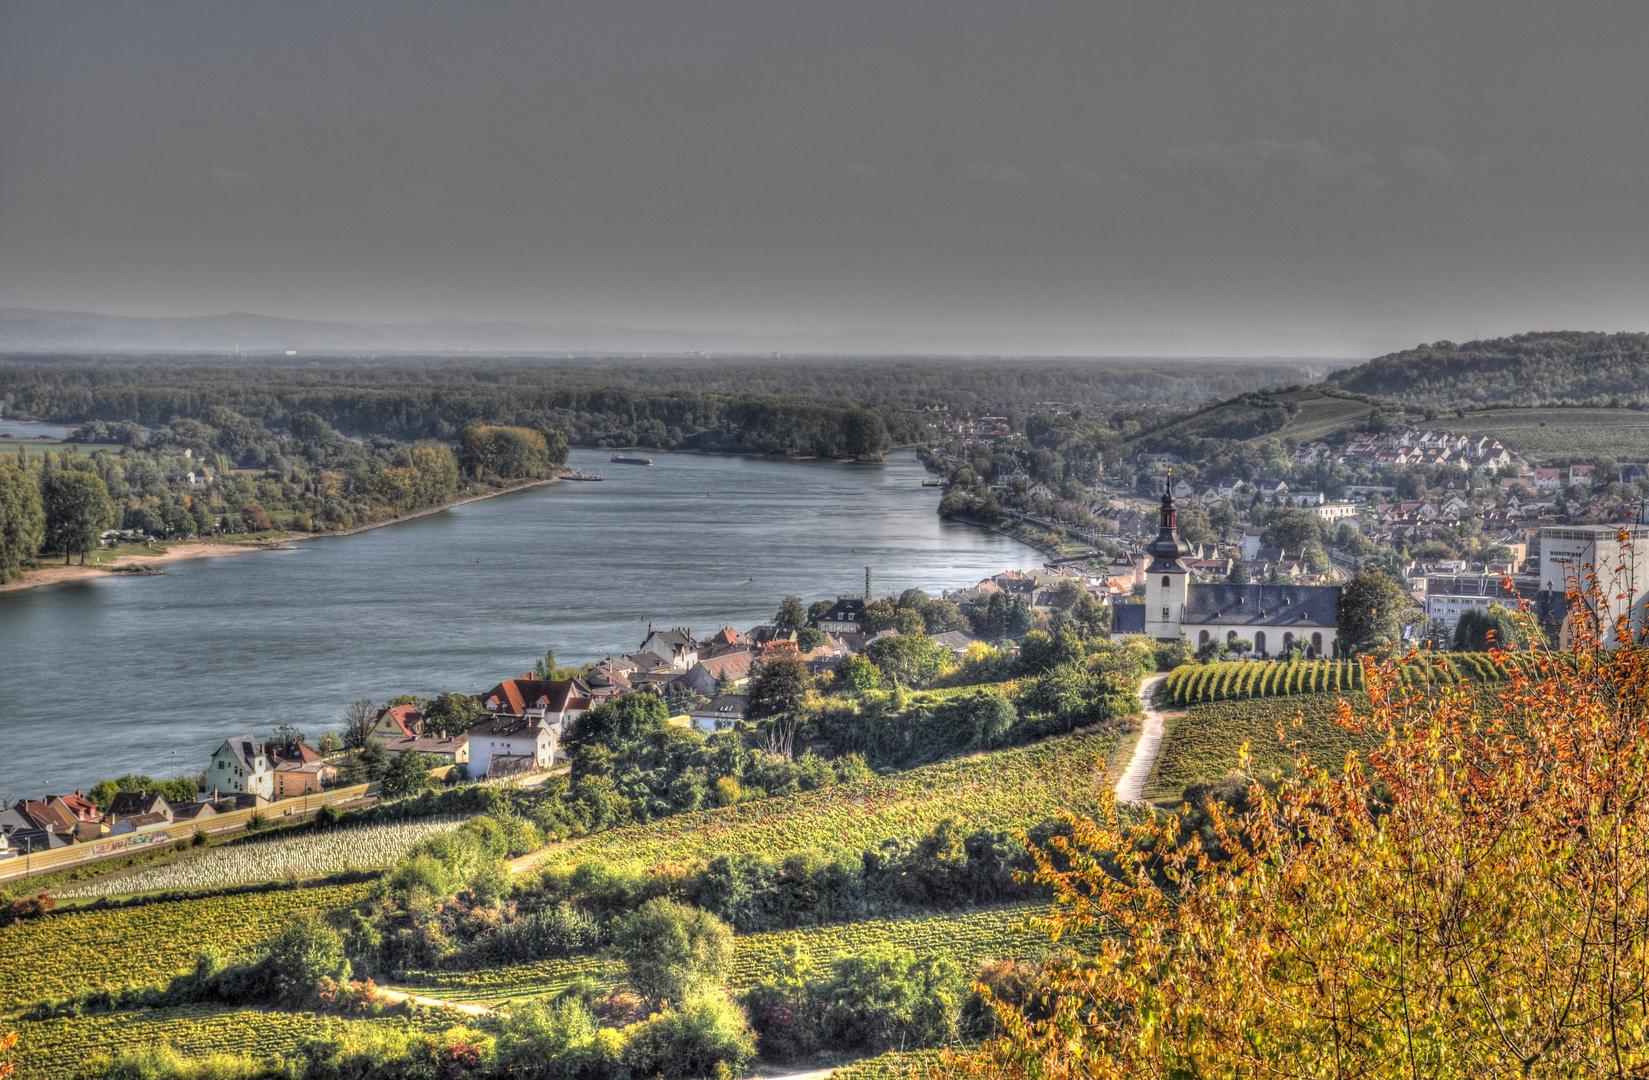 Nierstein am Rhein - HDR